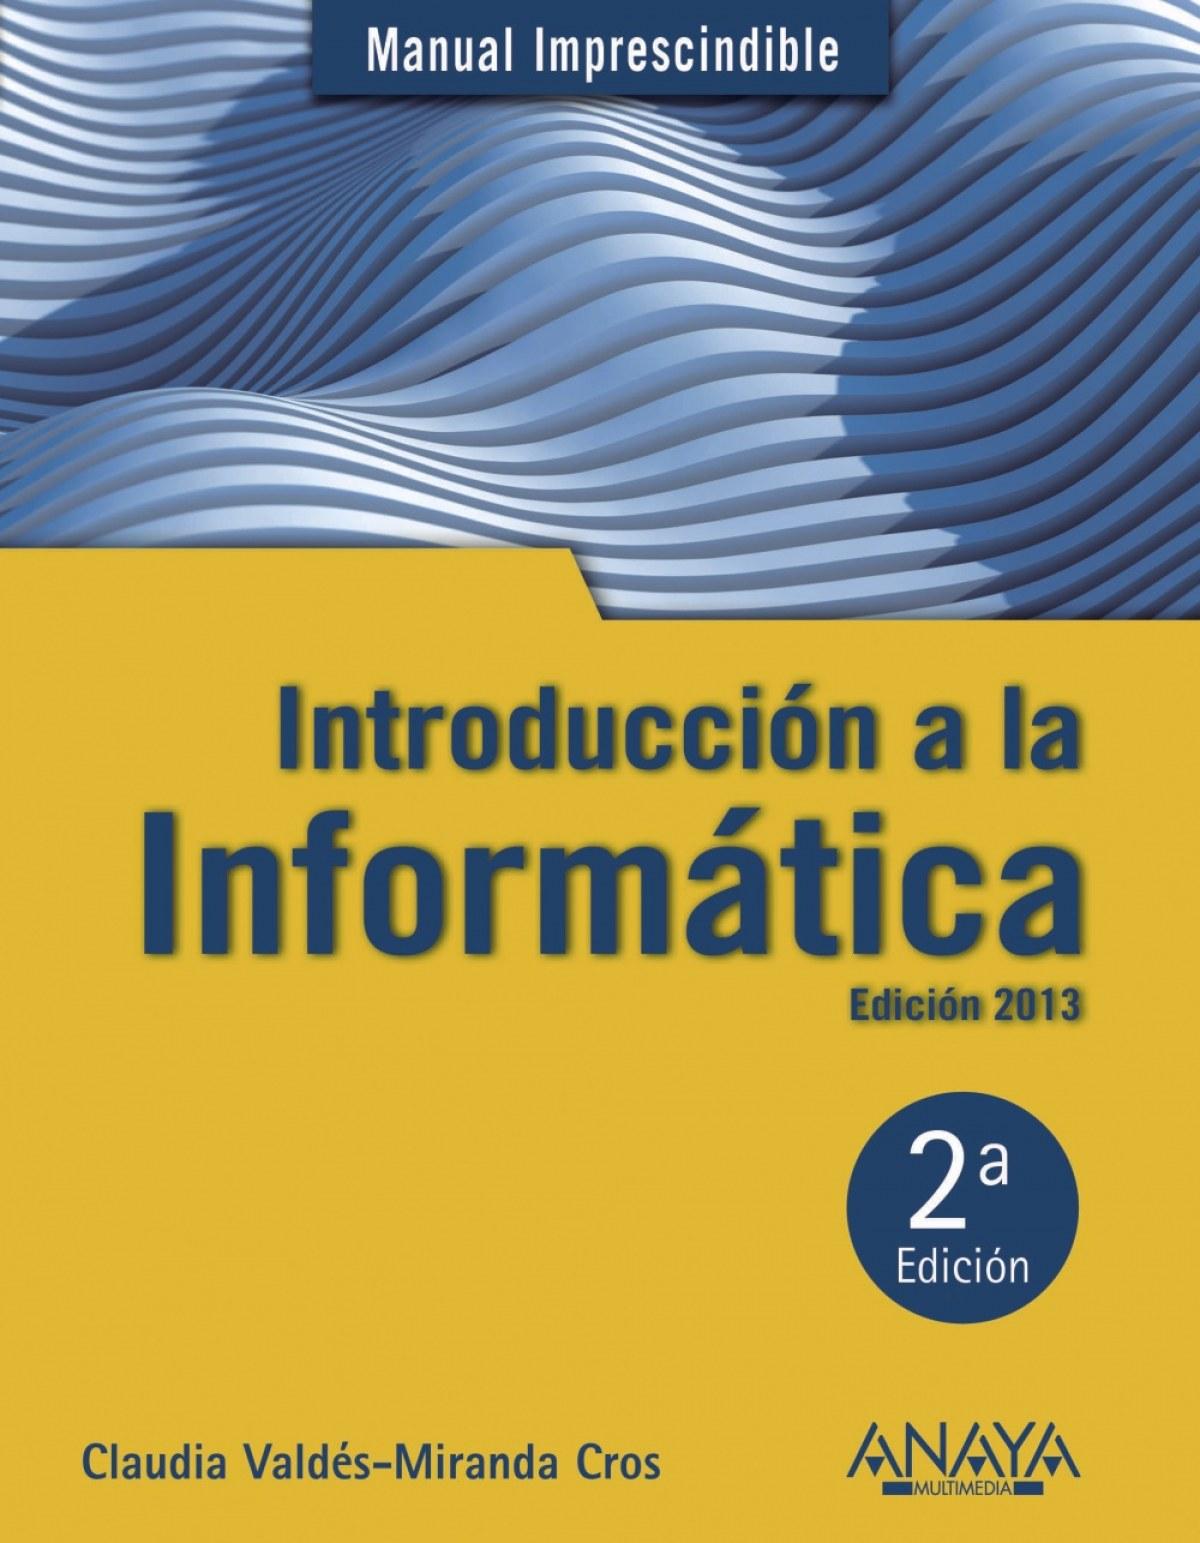 Introducción a la informática 9788441532861